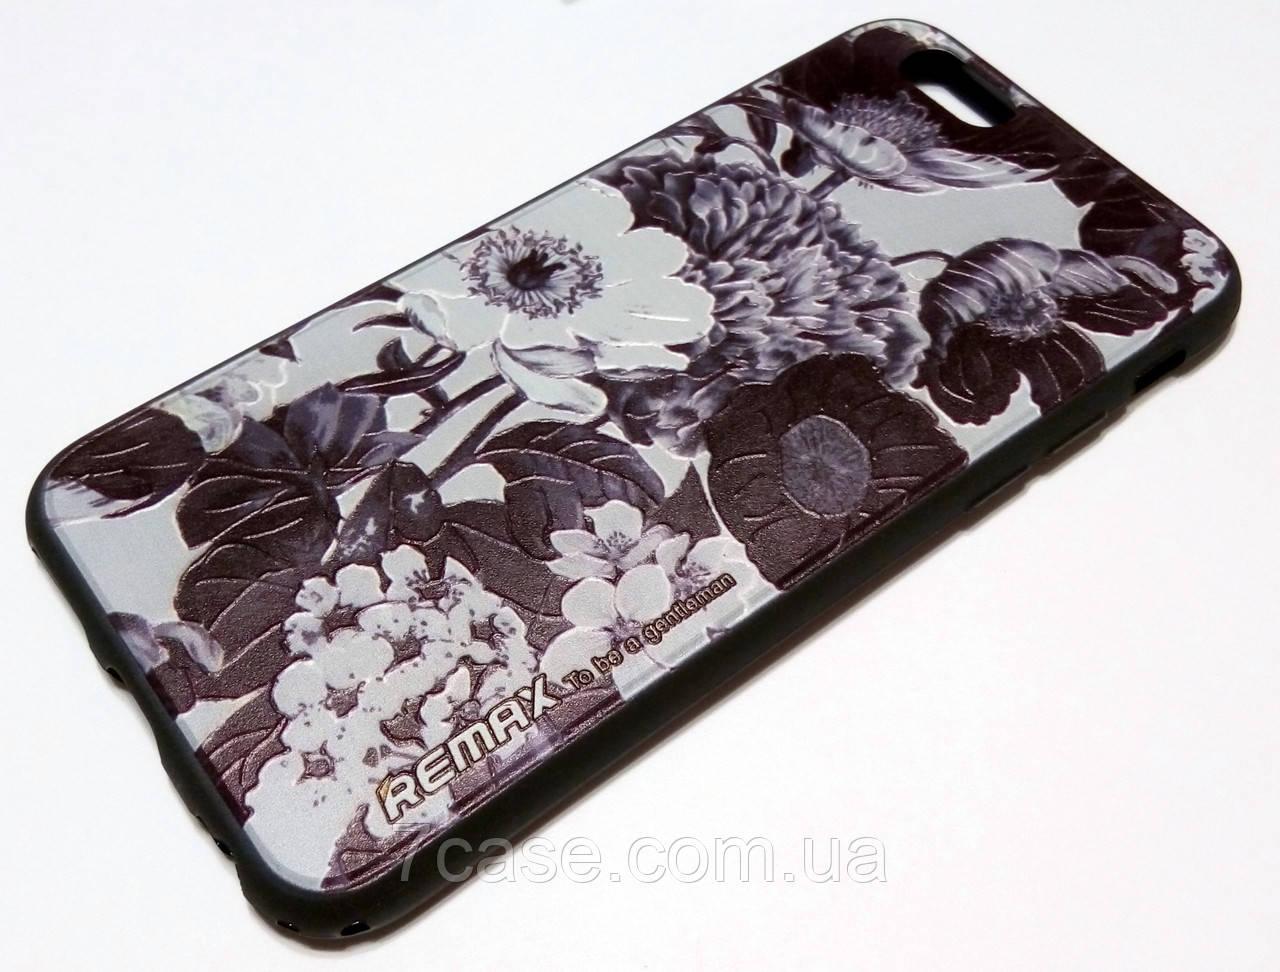 Чехол для iPhone 6 / 6s силиконовый Remax с рисунком цветы